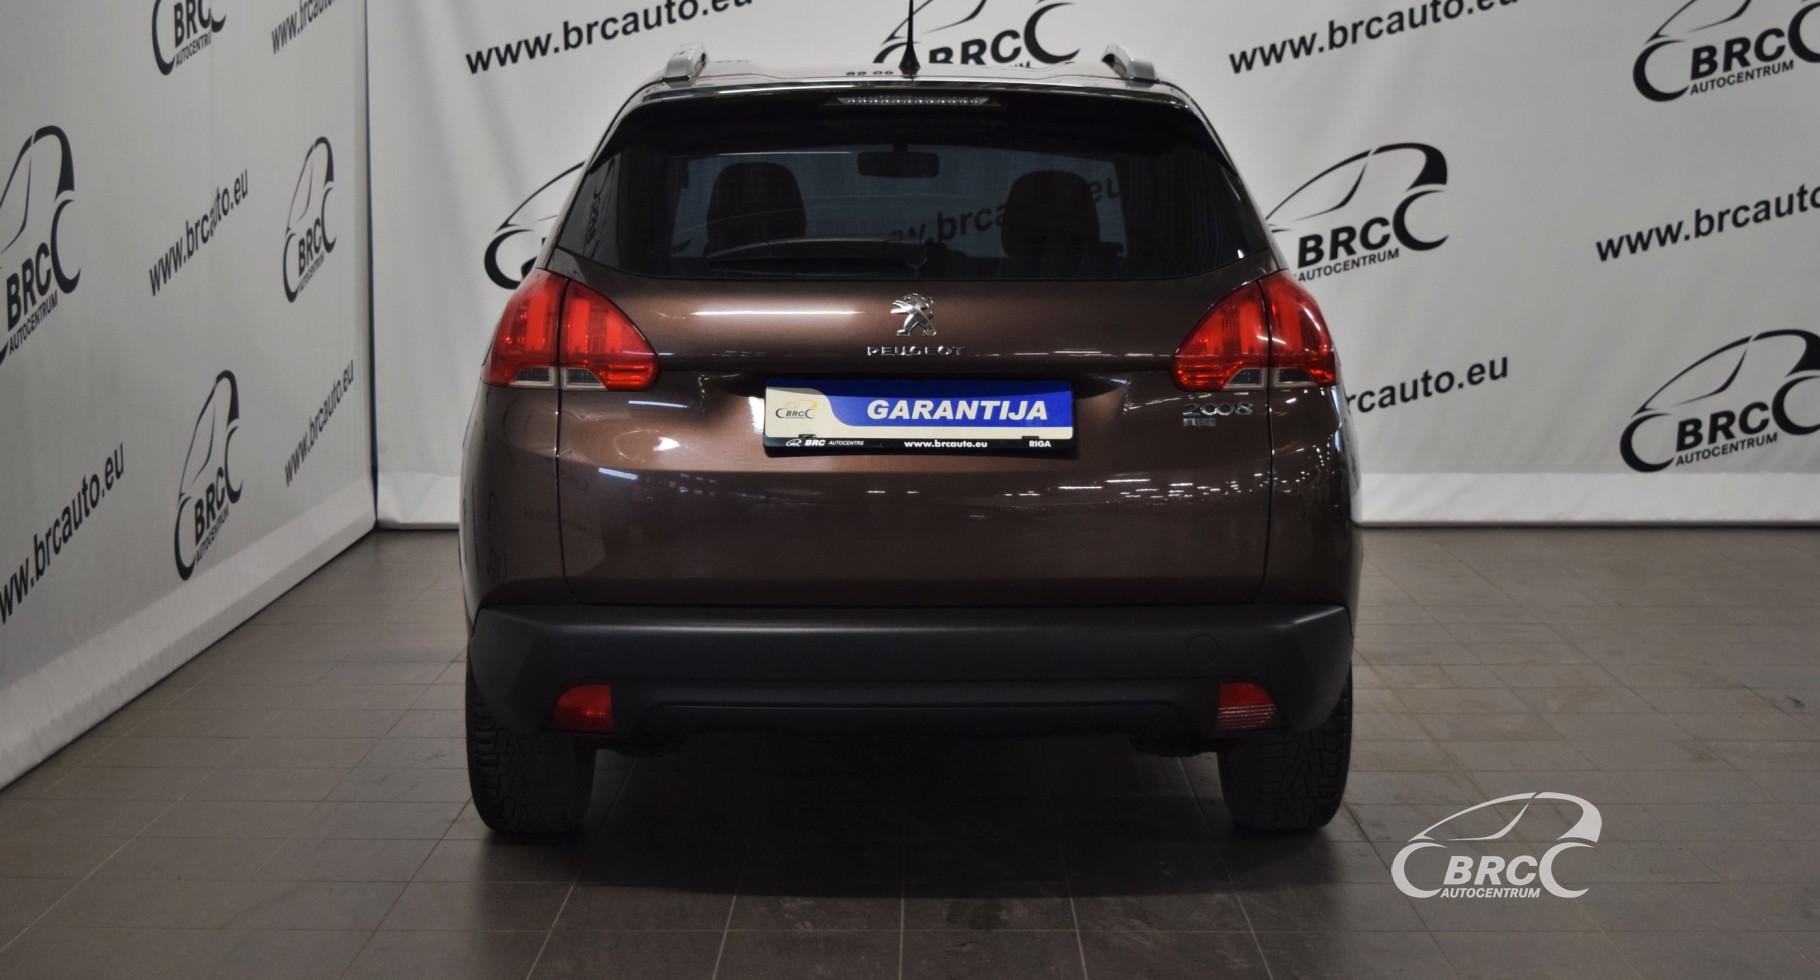 Peugeot 2008 eHDI M/T